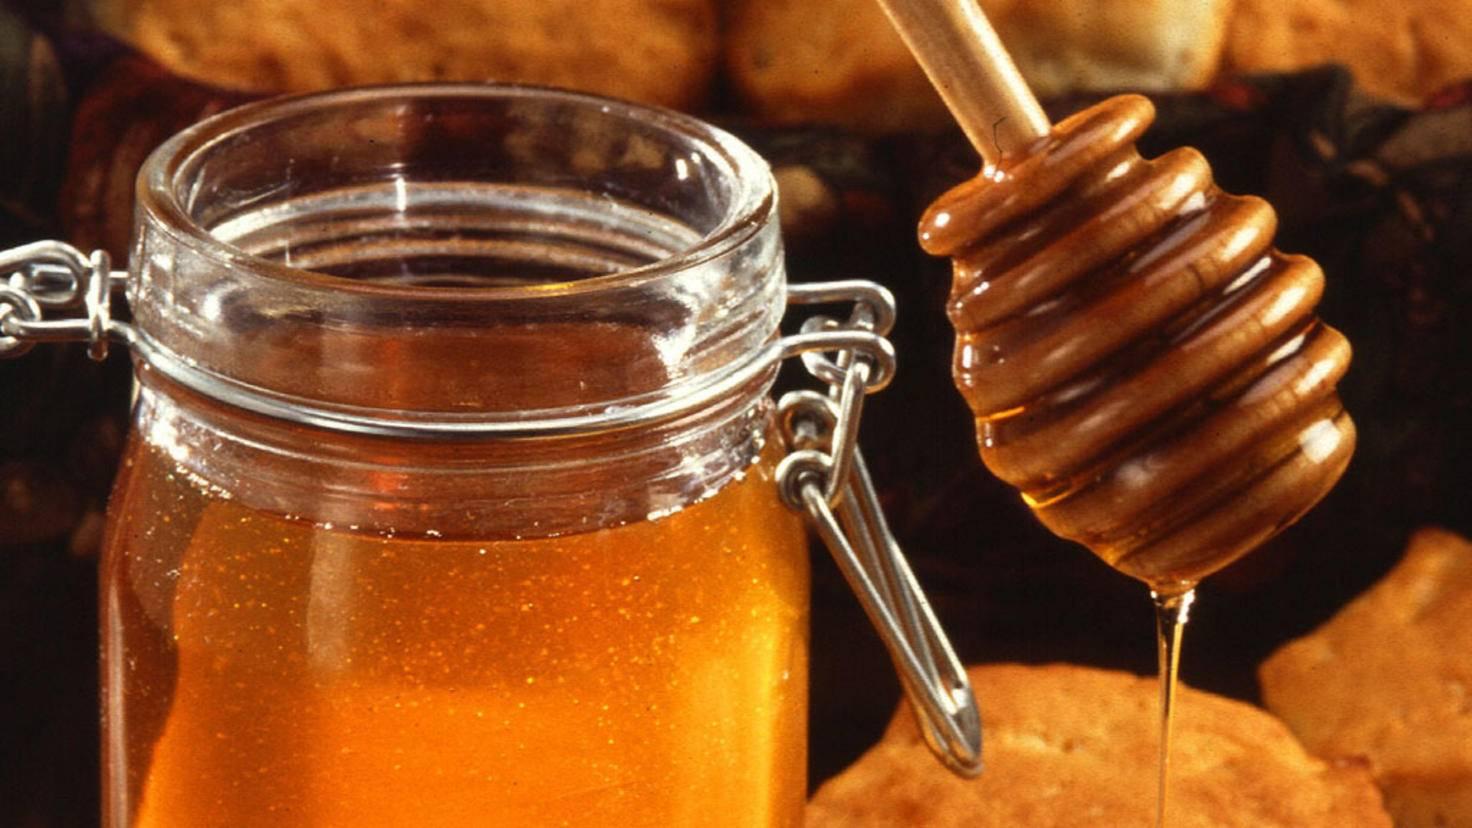 Honig wird zwar mit der Zeit hart, ist aber trotzdem unsterblich.